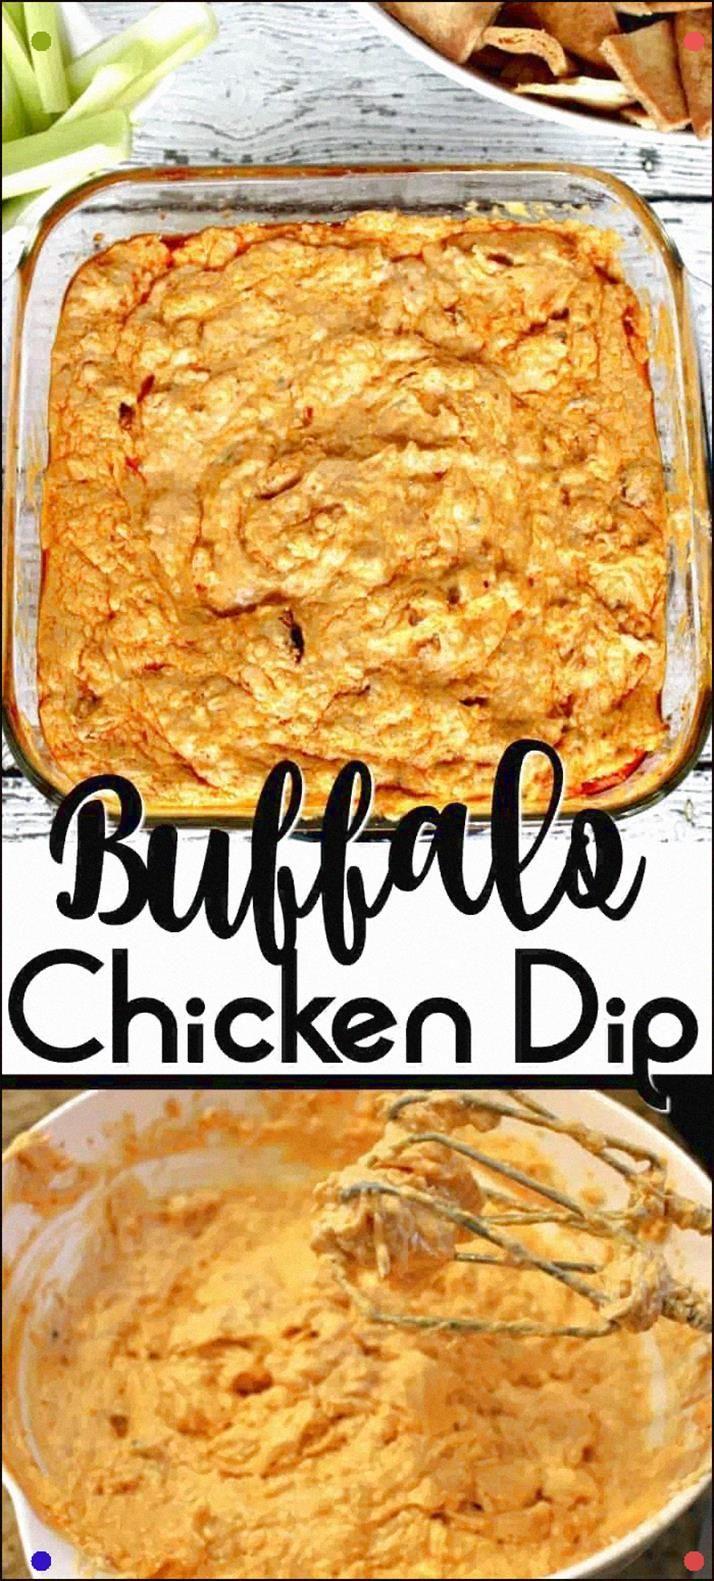 Easy Buffalo Chicken Dip Recipe - Buffalo Chicken Dip Takes The DeliciousTaste Of Buffalo Chic